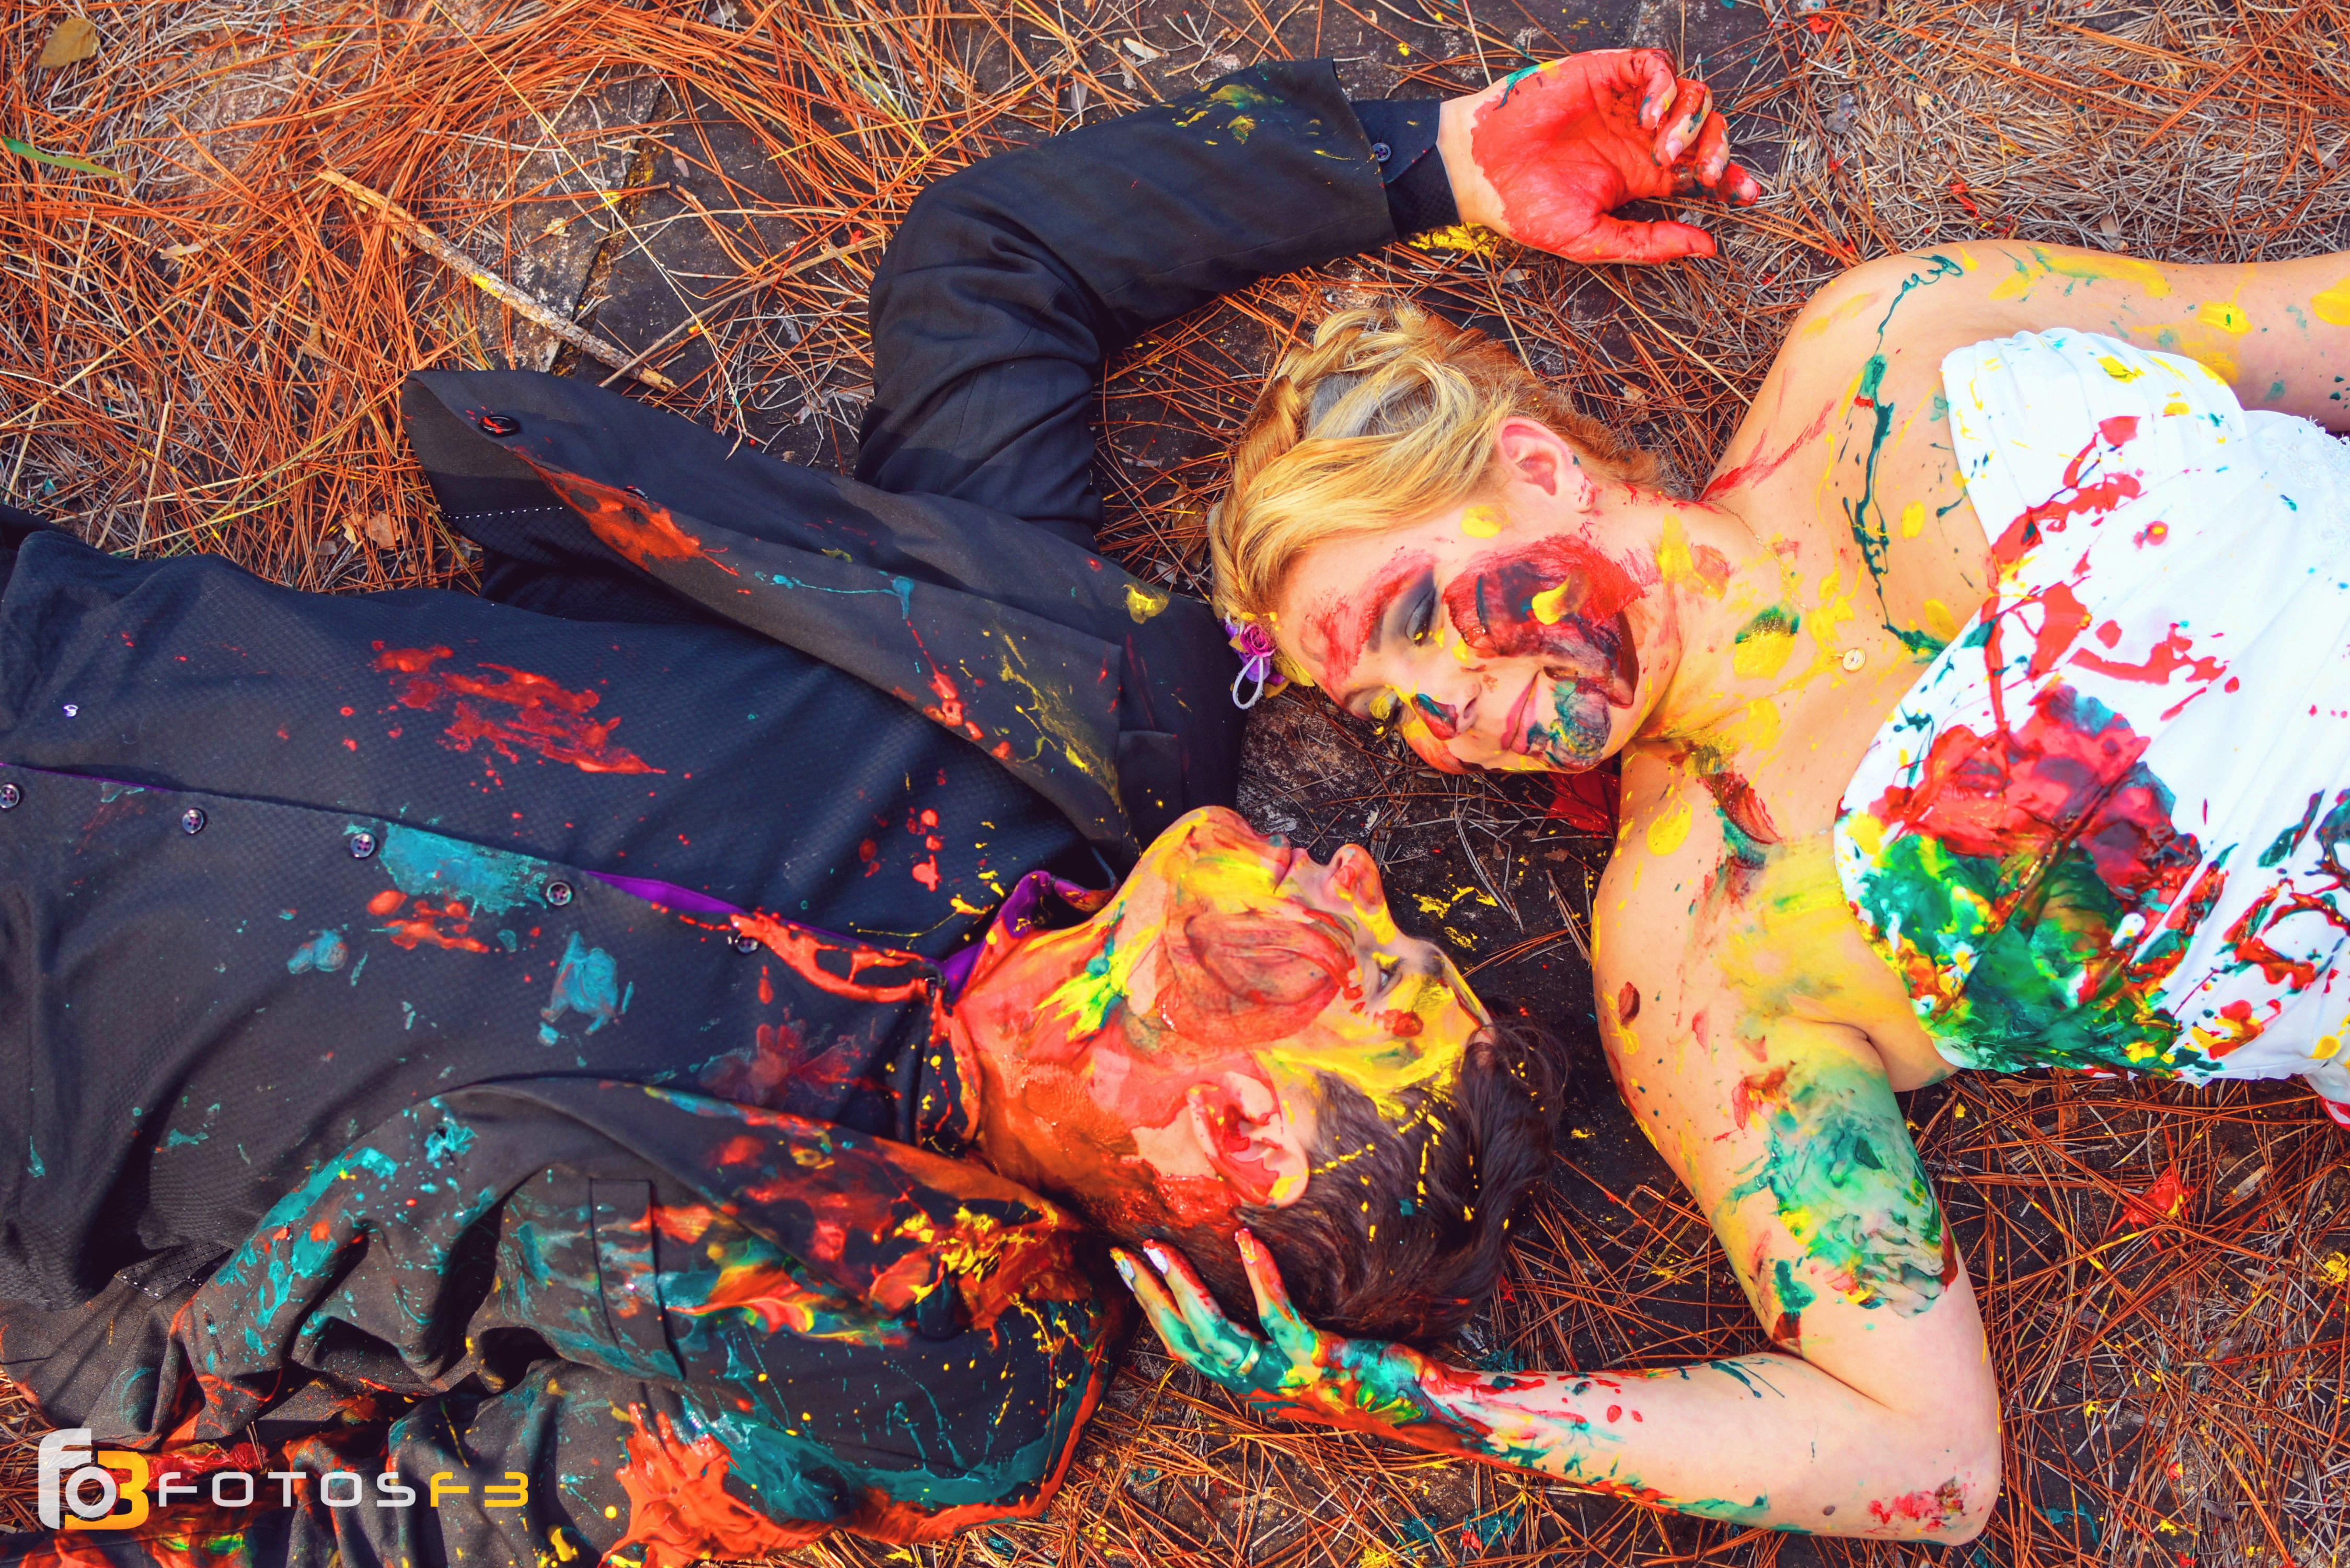 Contate Fotografia de Casamento com emoção e criatividade - Frans Rodrigues - Studio Fotos F3 - Curitiba - Piraquara - Paraná